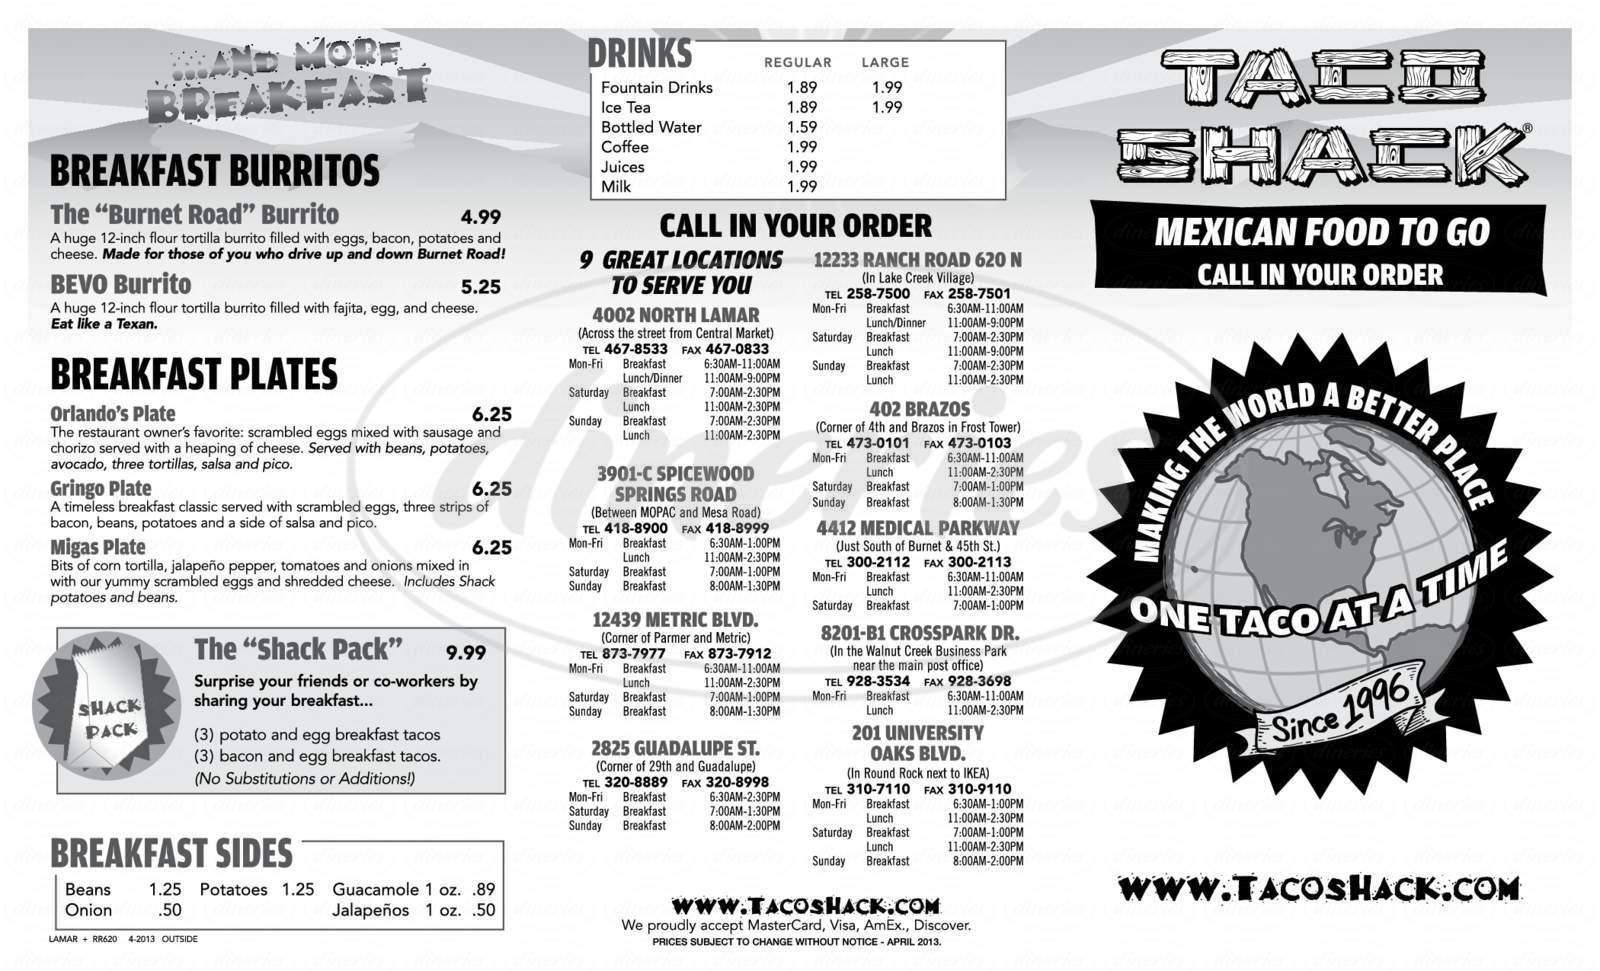 menu for Taco Shack